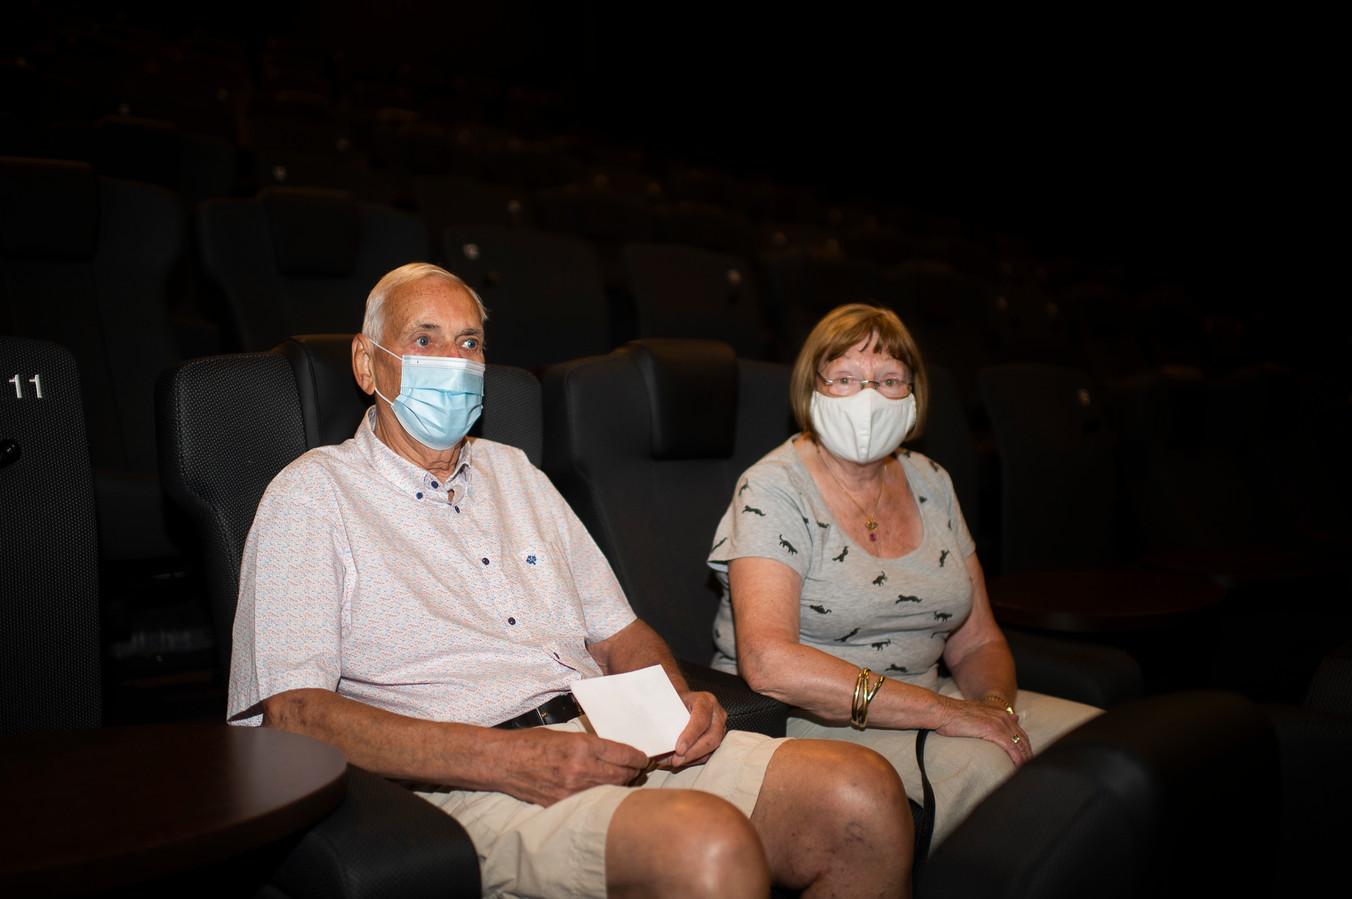 Clem en Christiane komen naar de film Nomadsland kijken in Kinepolis Antwerpen.